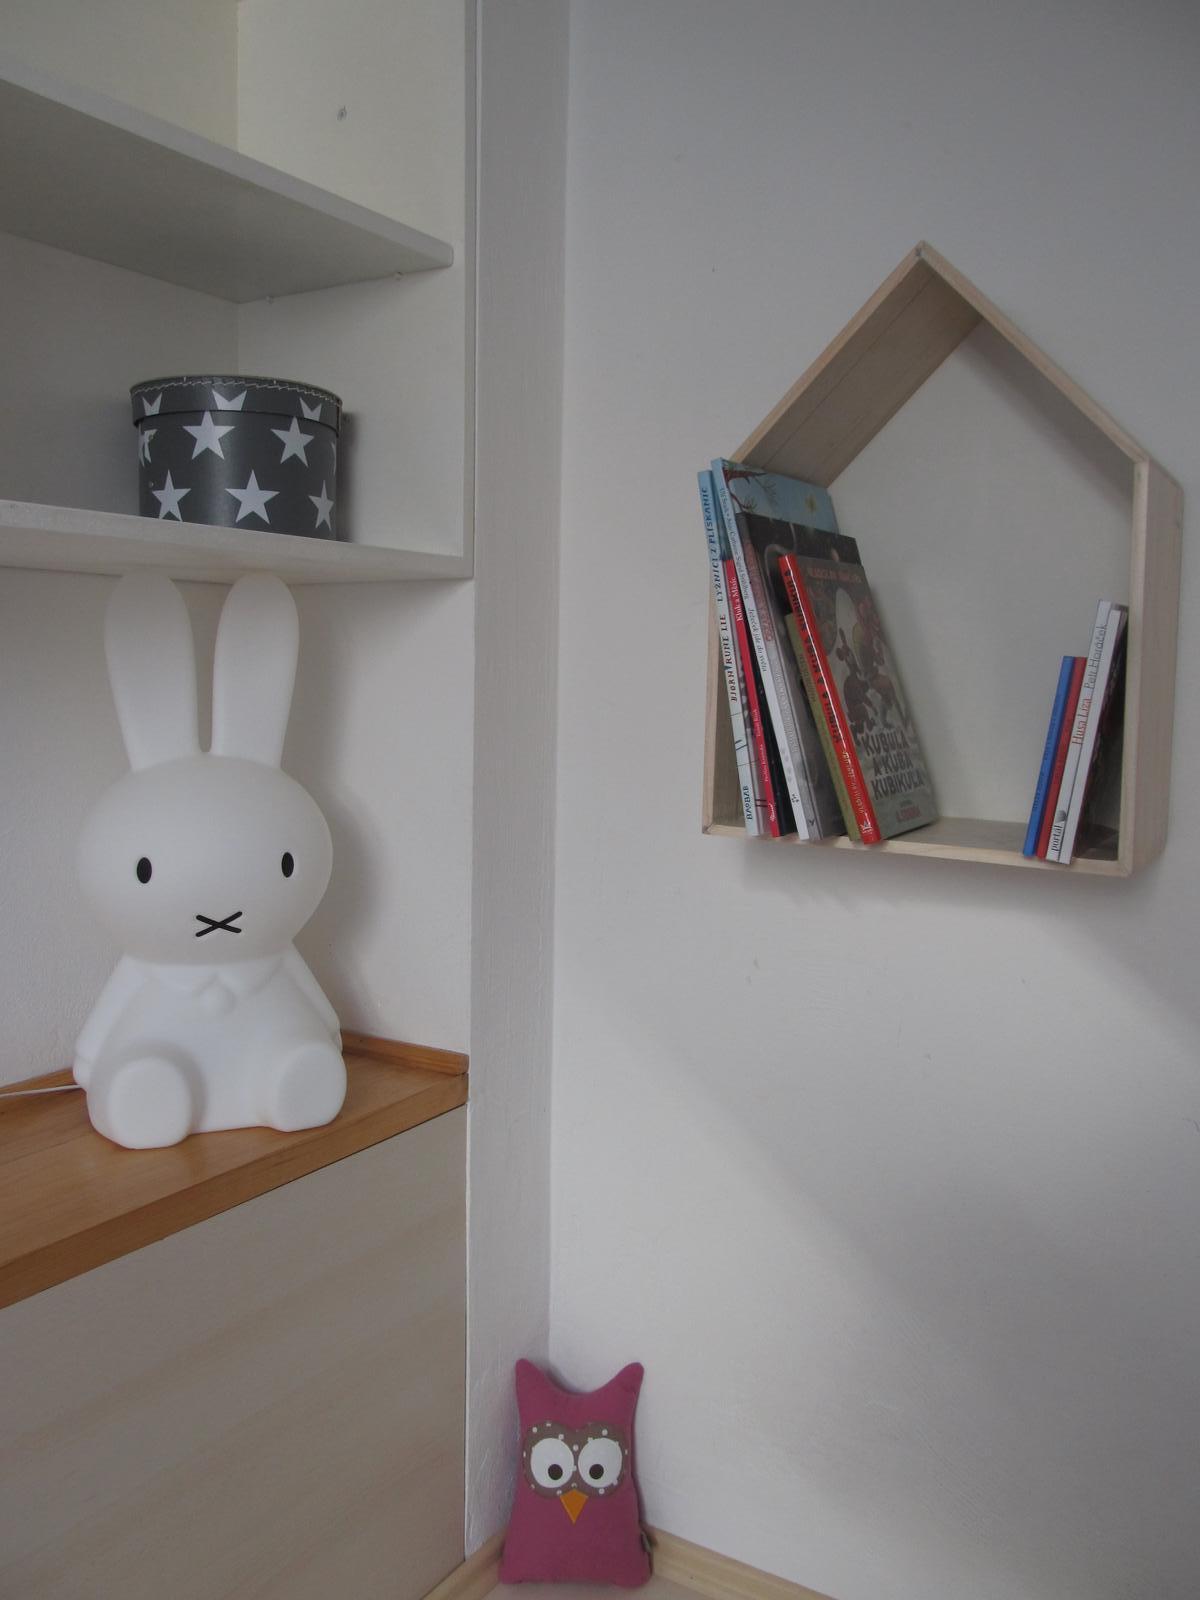 Naše bydlení - Po dovolené čekalo na děti překvapení, nová lampička :-)